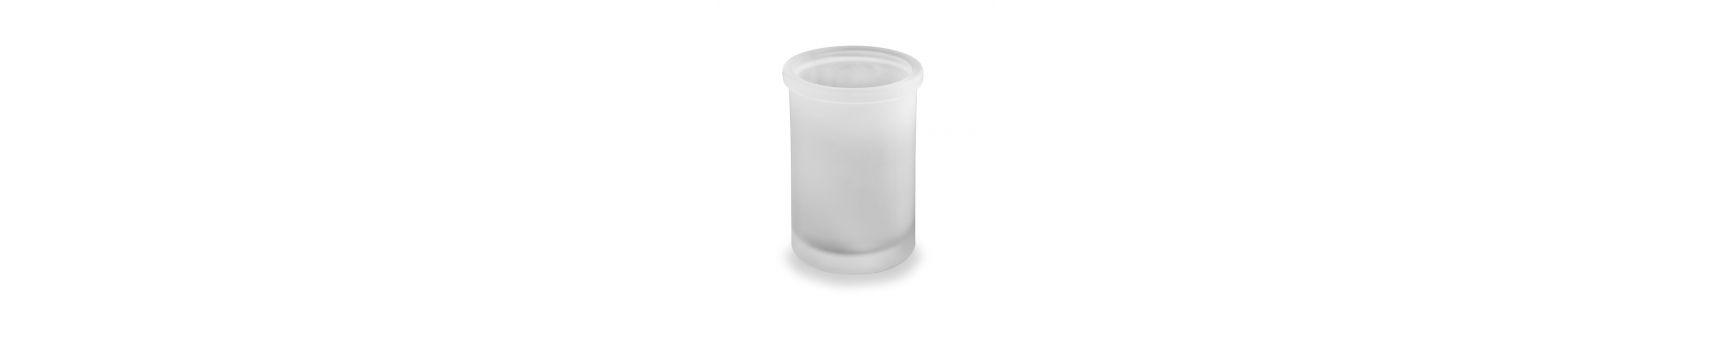 Bicchiere | Accessori bagno | Boleco